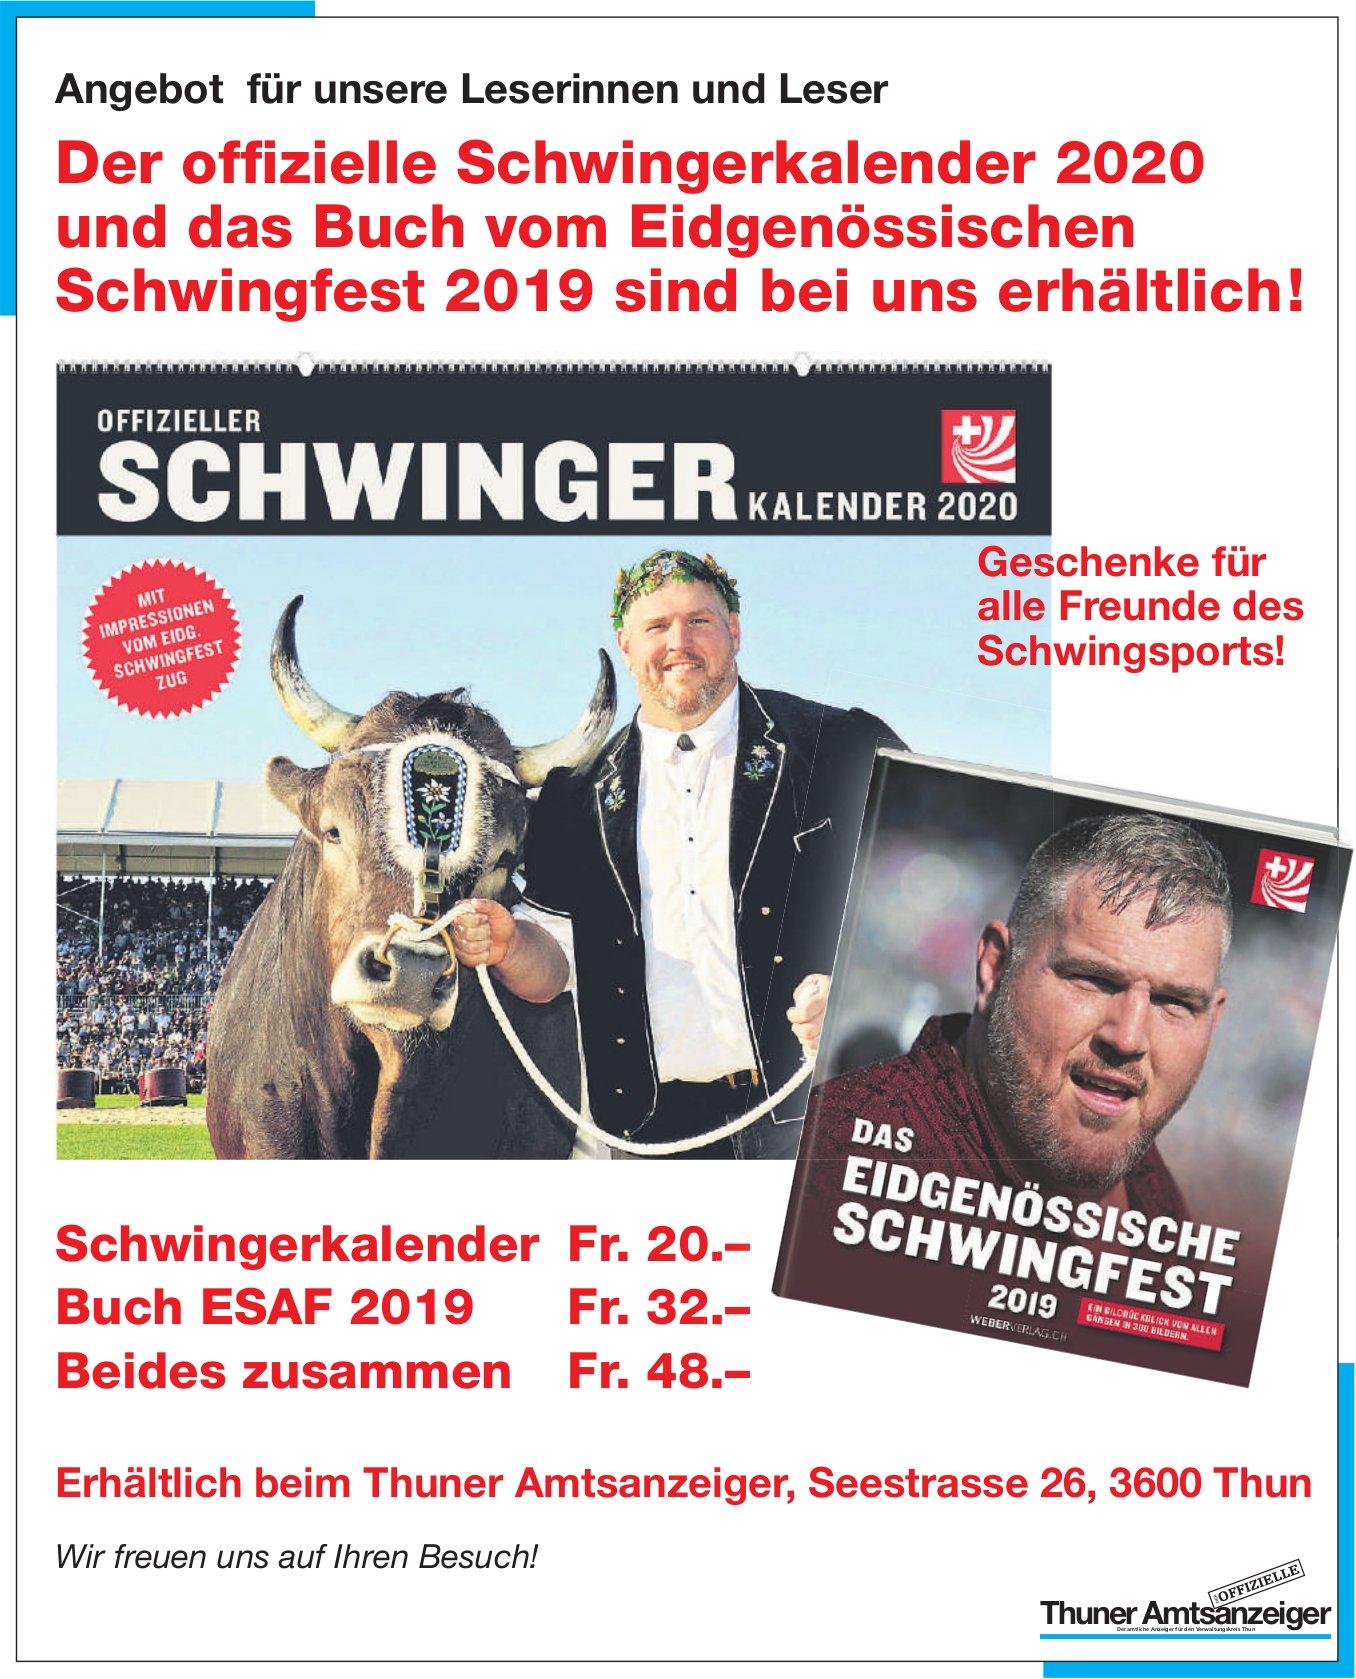 Schwingerkalender 2020 & Buch vom Eidgenössischen Schwingfest 2019 bei uns erhältlich!